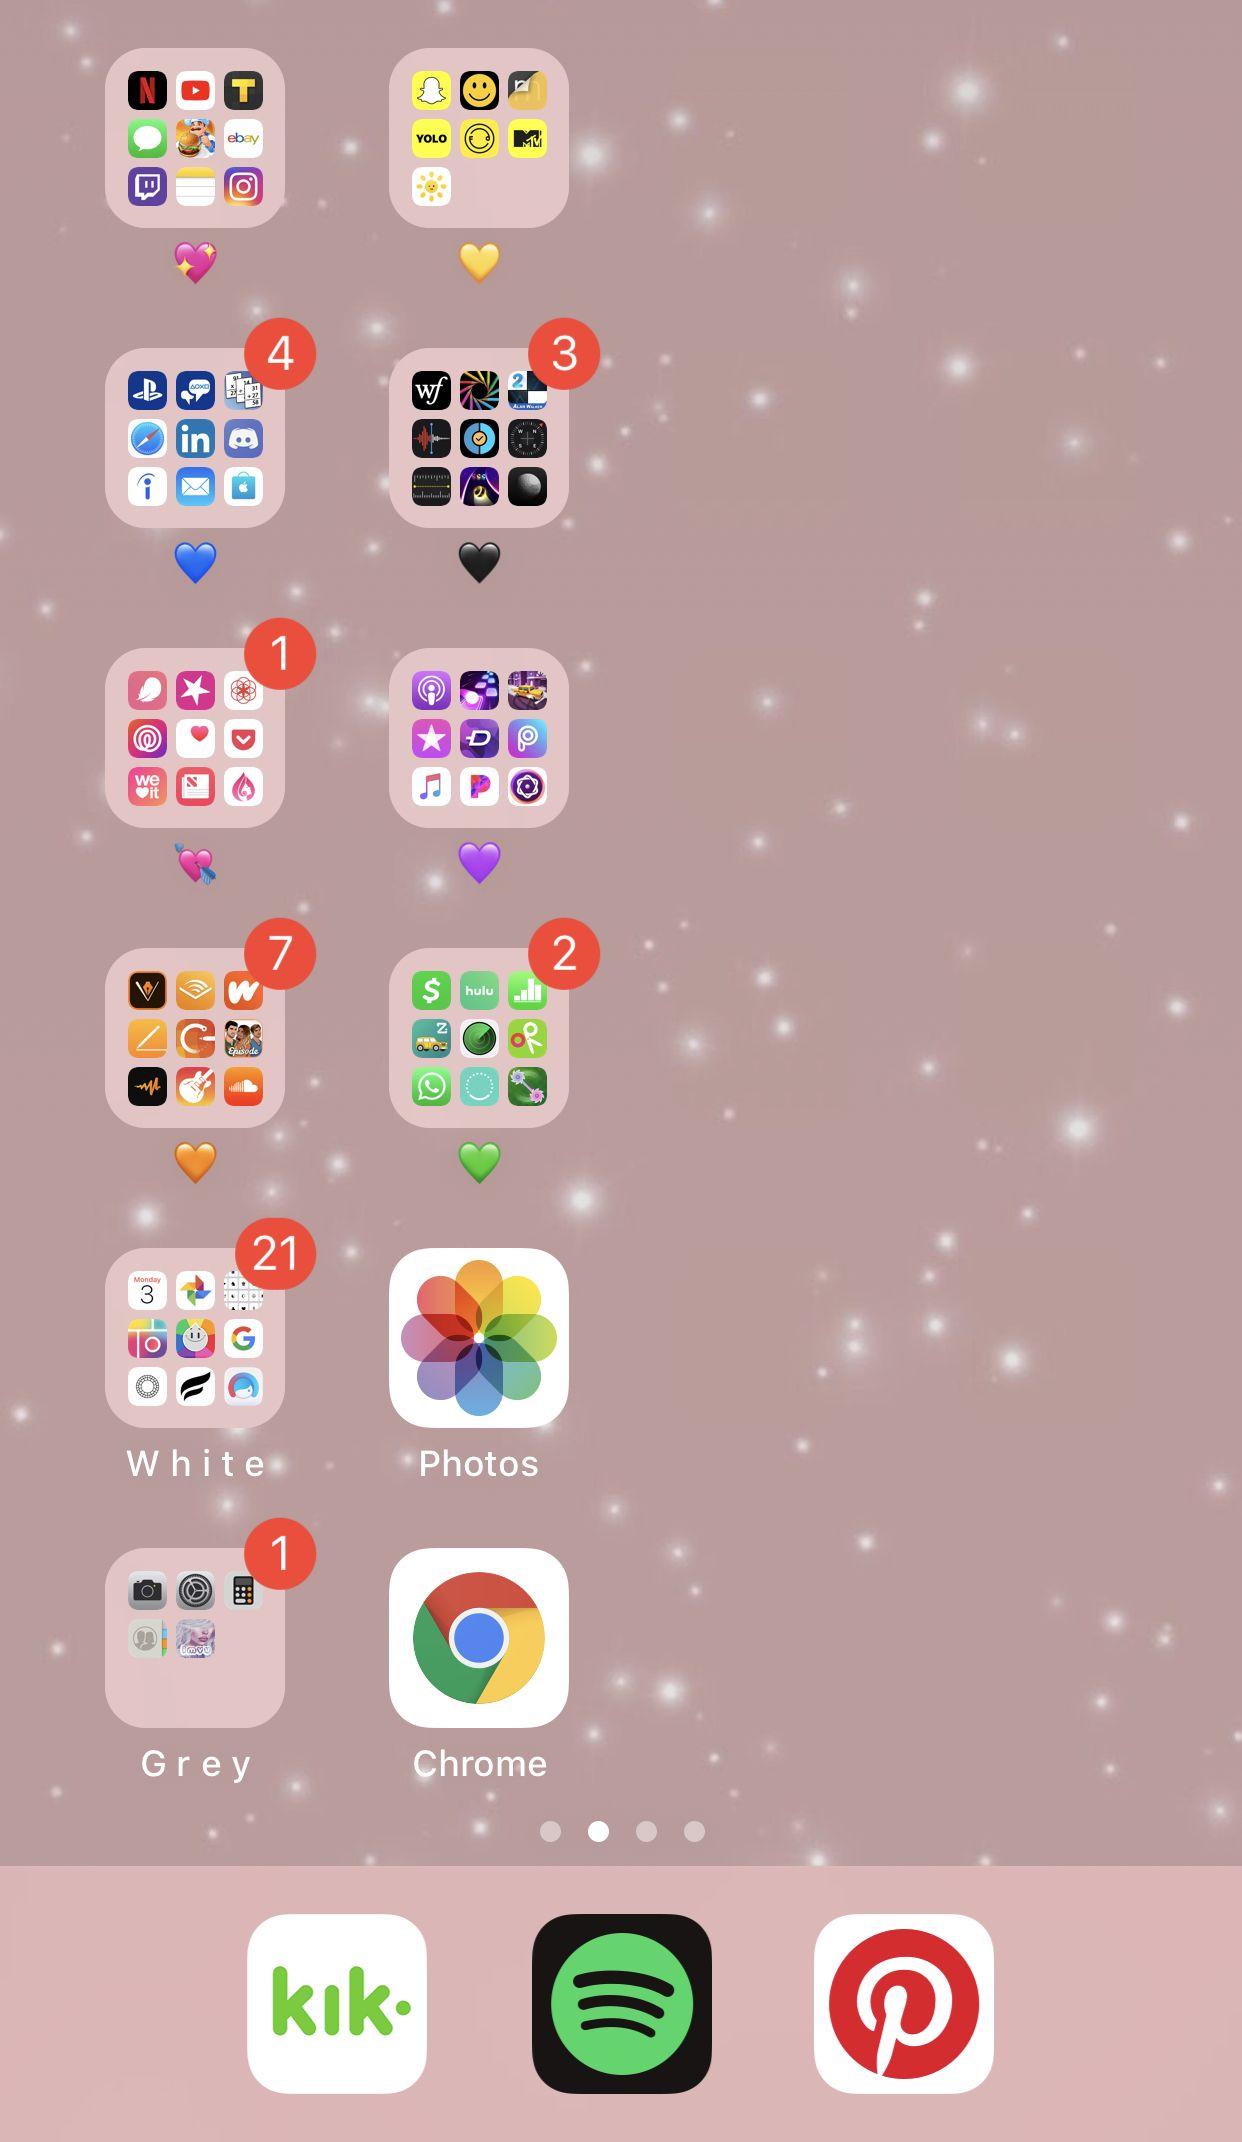 Homescreen iphone image by 𝐚𝐥𝐚𝐲𝐧𝐚 on ♡ ʟǟʏօʊȶֆ